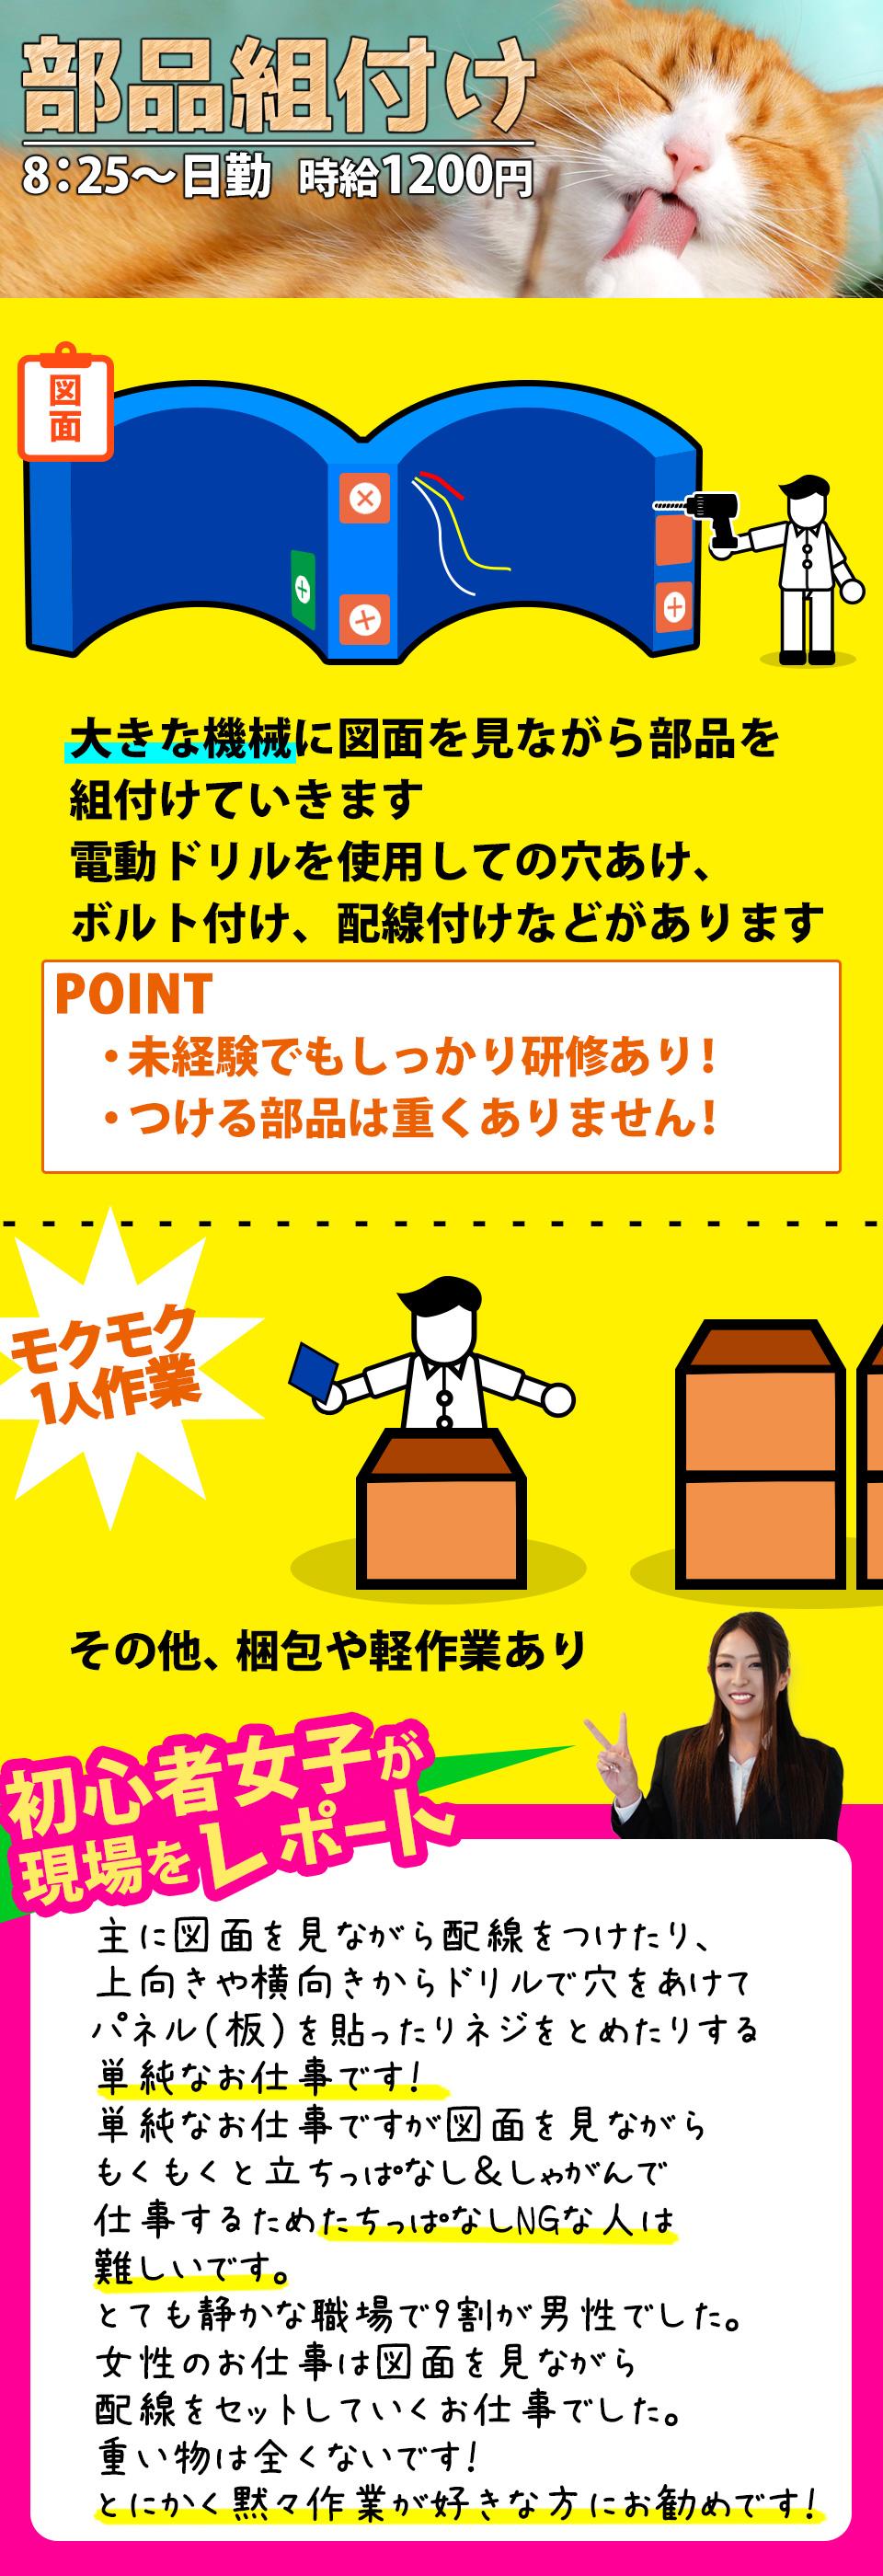 置いてある部品の組立 石川県白山市の派遣社員求人